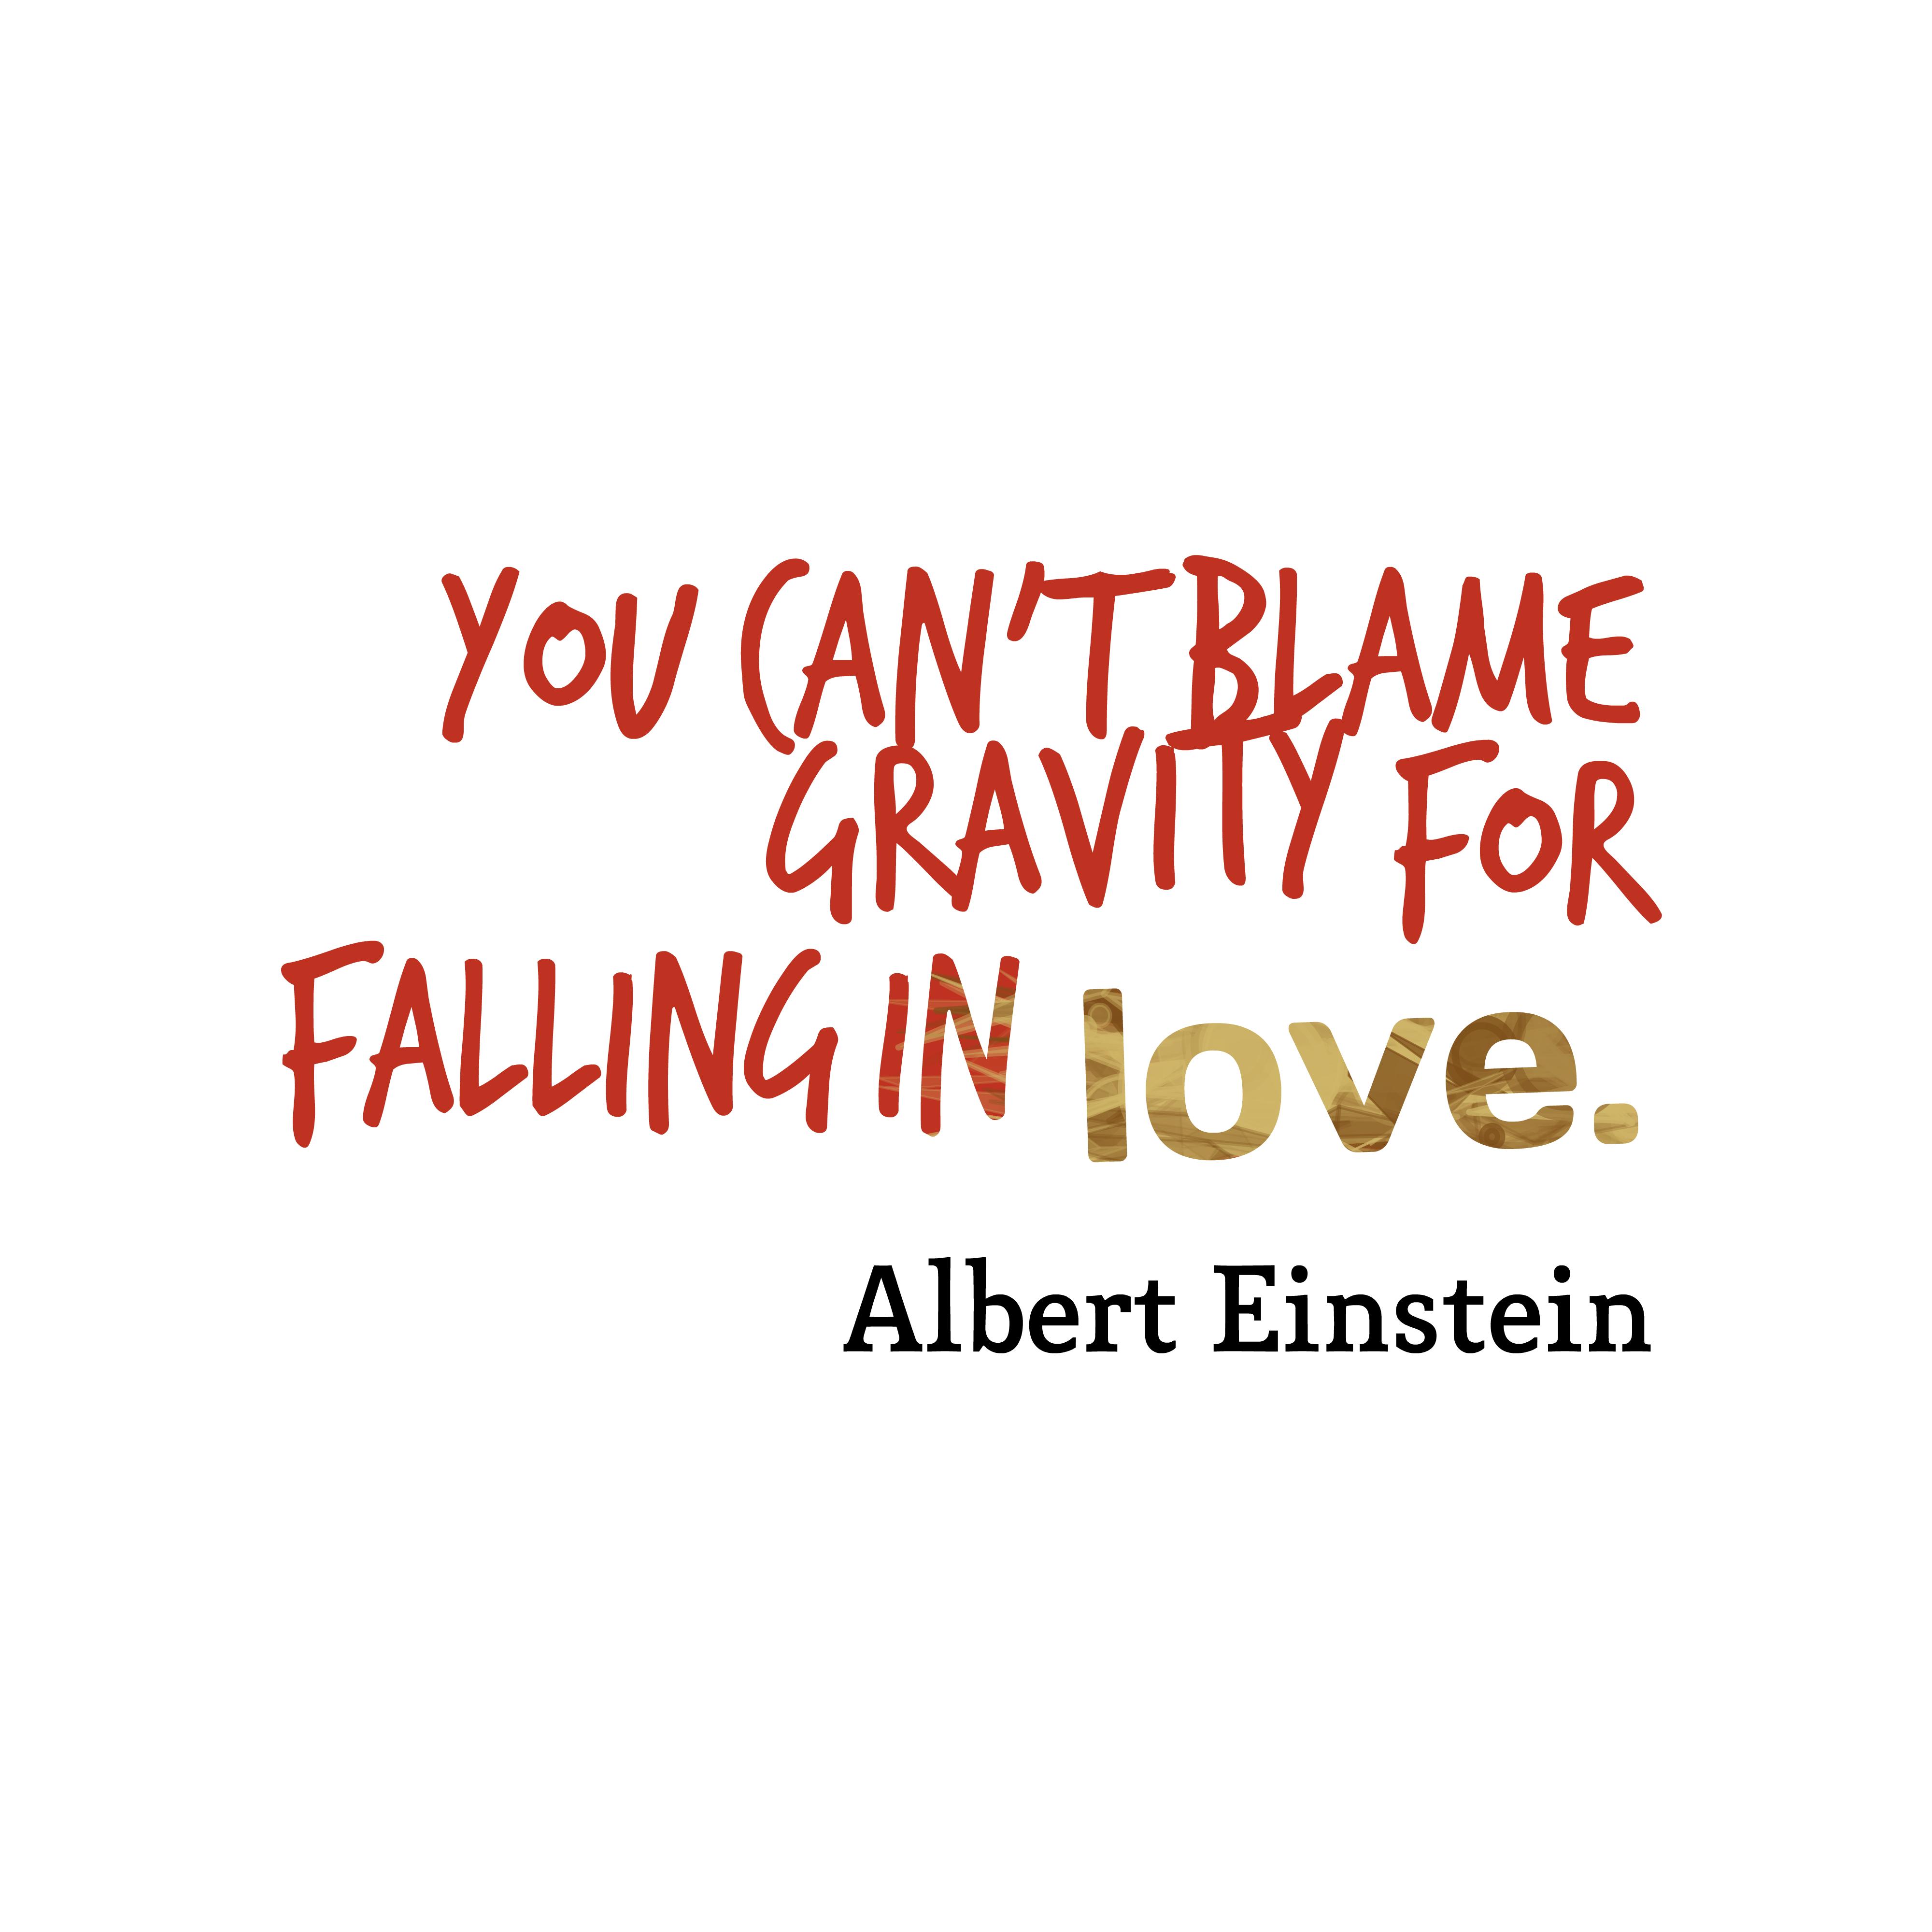 picture albert einstein quote about love